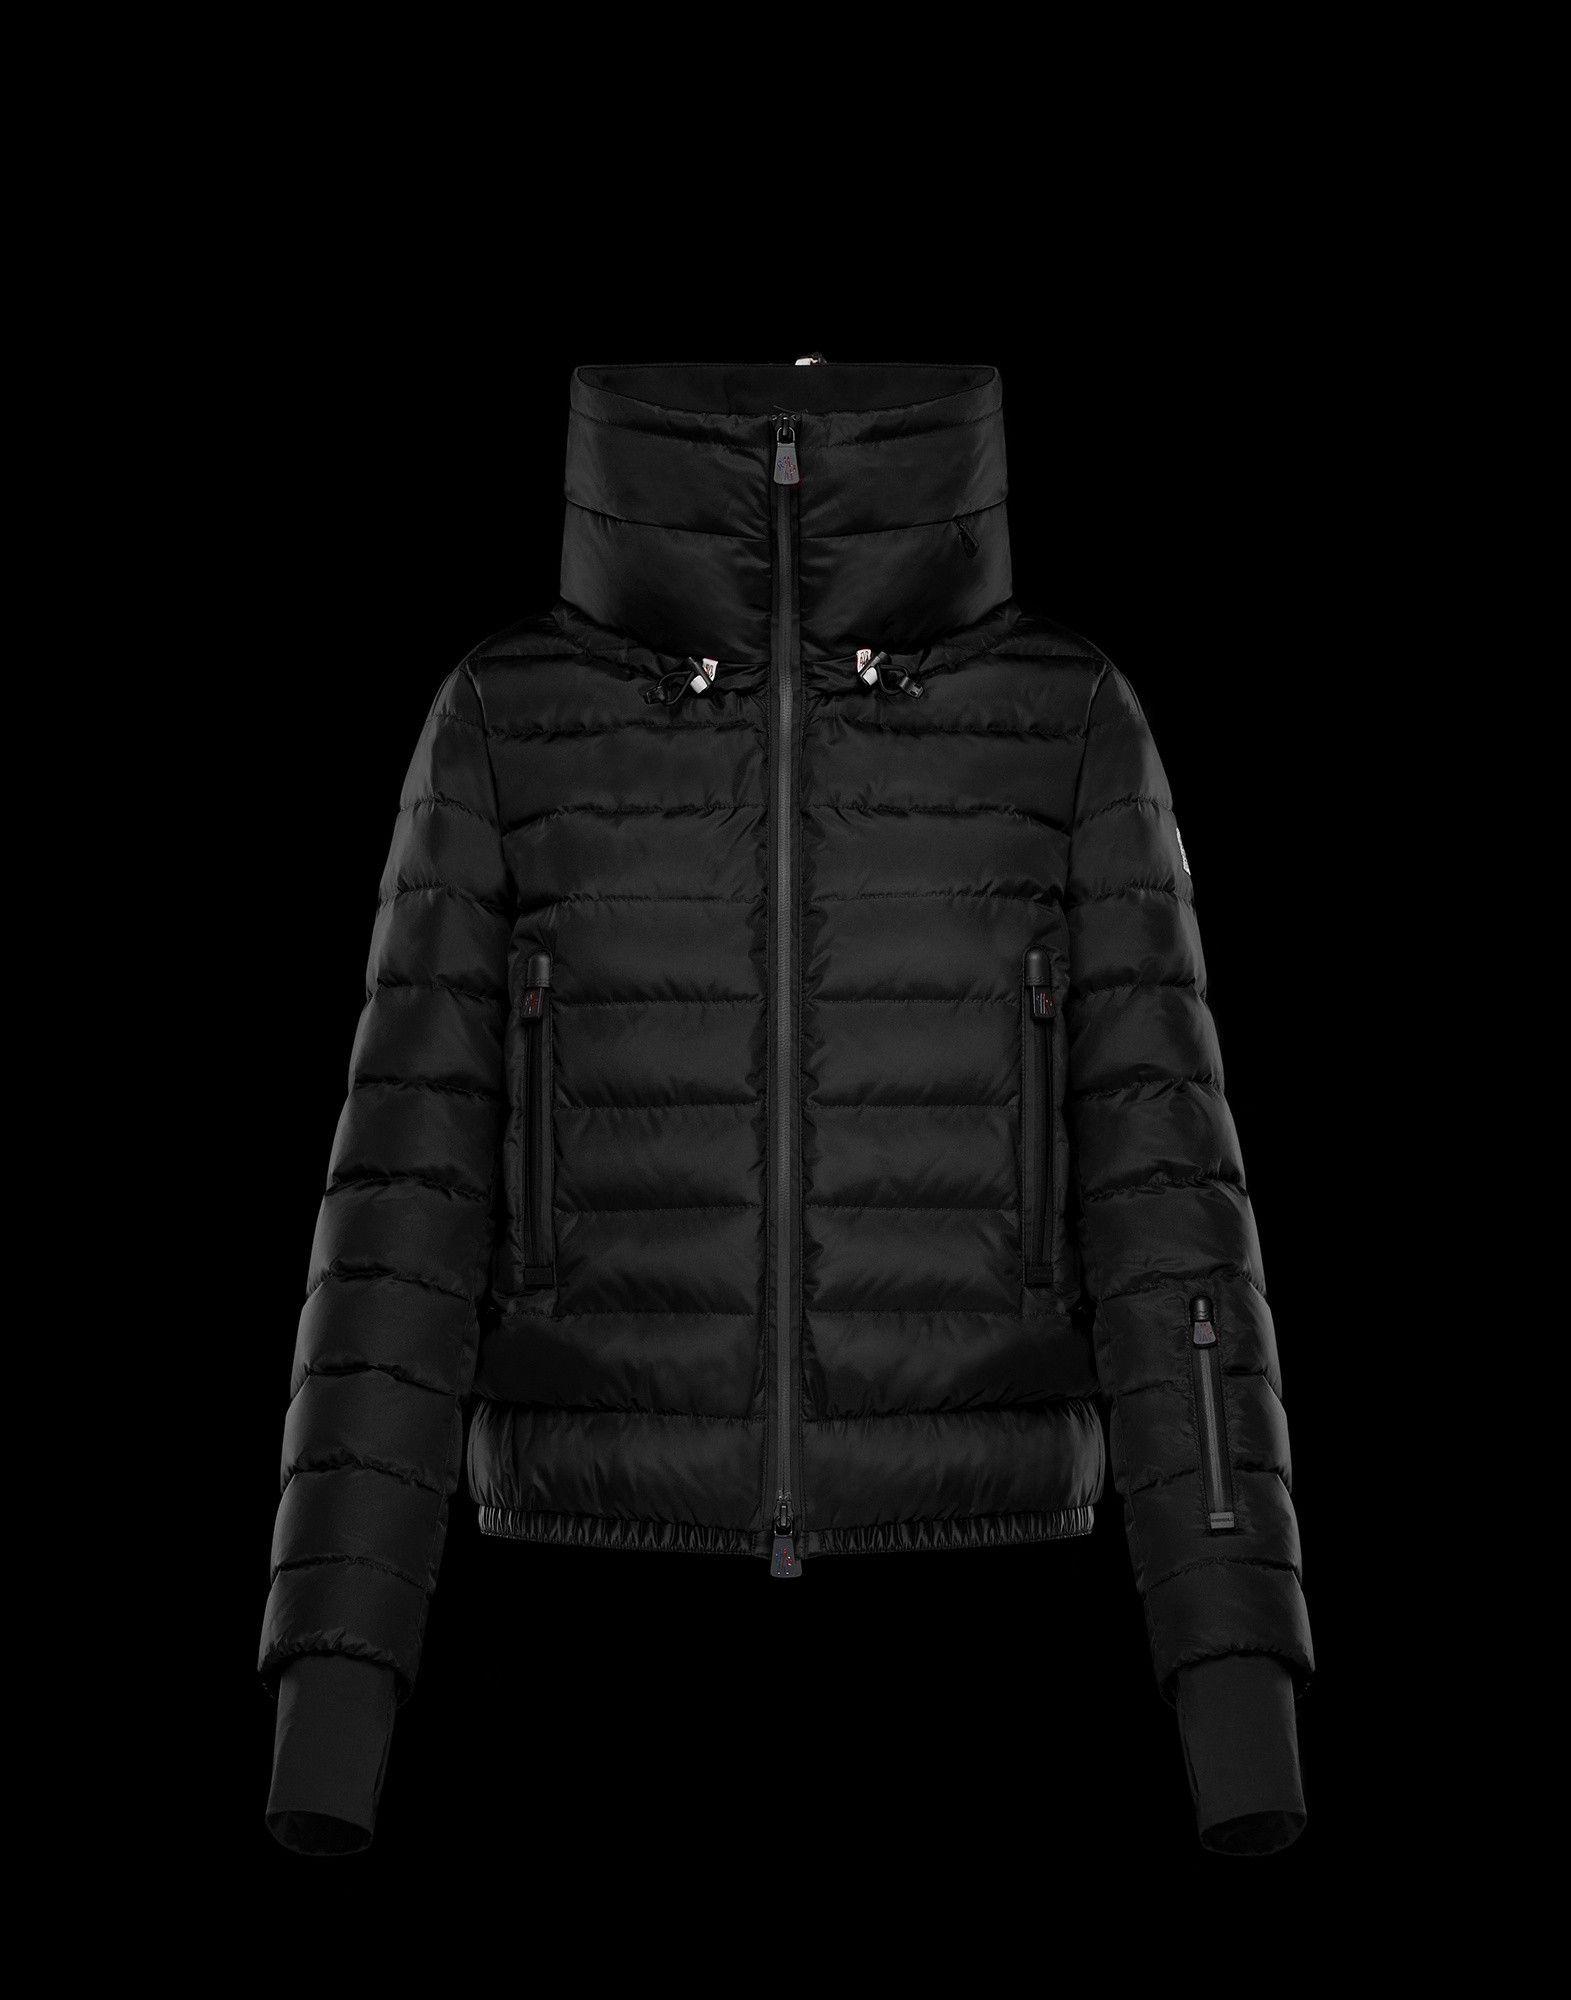 Vonne Bomber For Women Moncler Us Ski Jacket Jackets For Women Moncler [ 2000 x 1571 Pixel ]